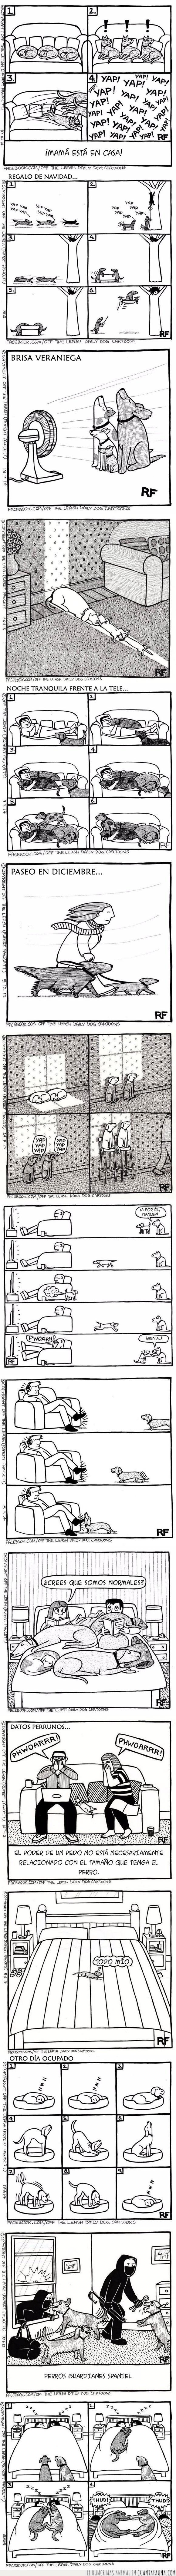 mascotas,perros,vida